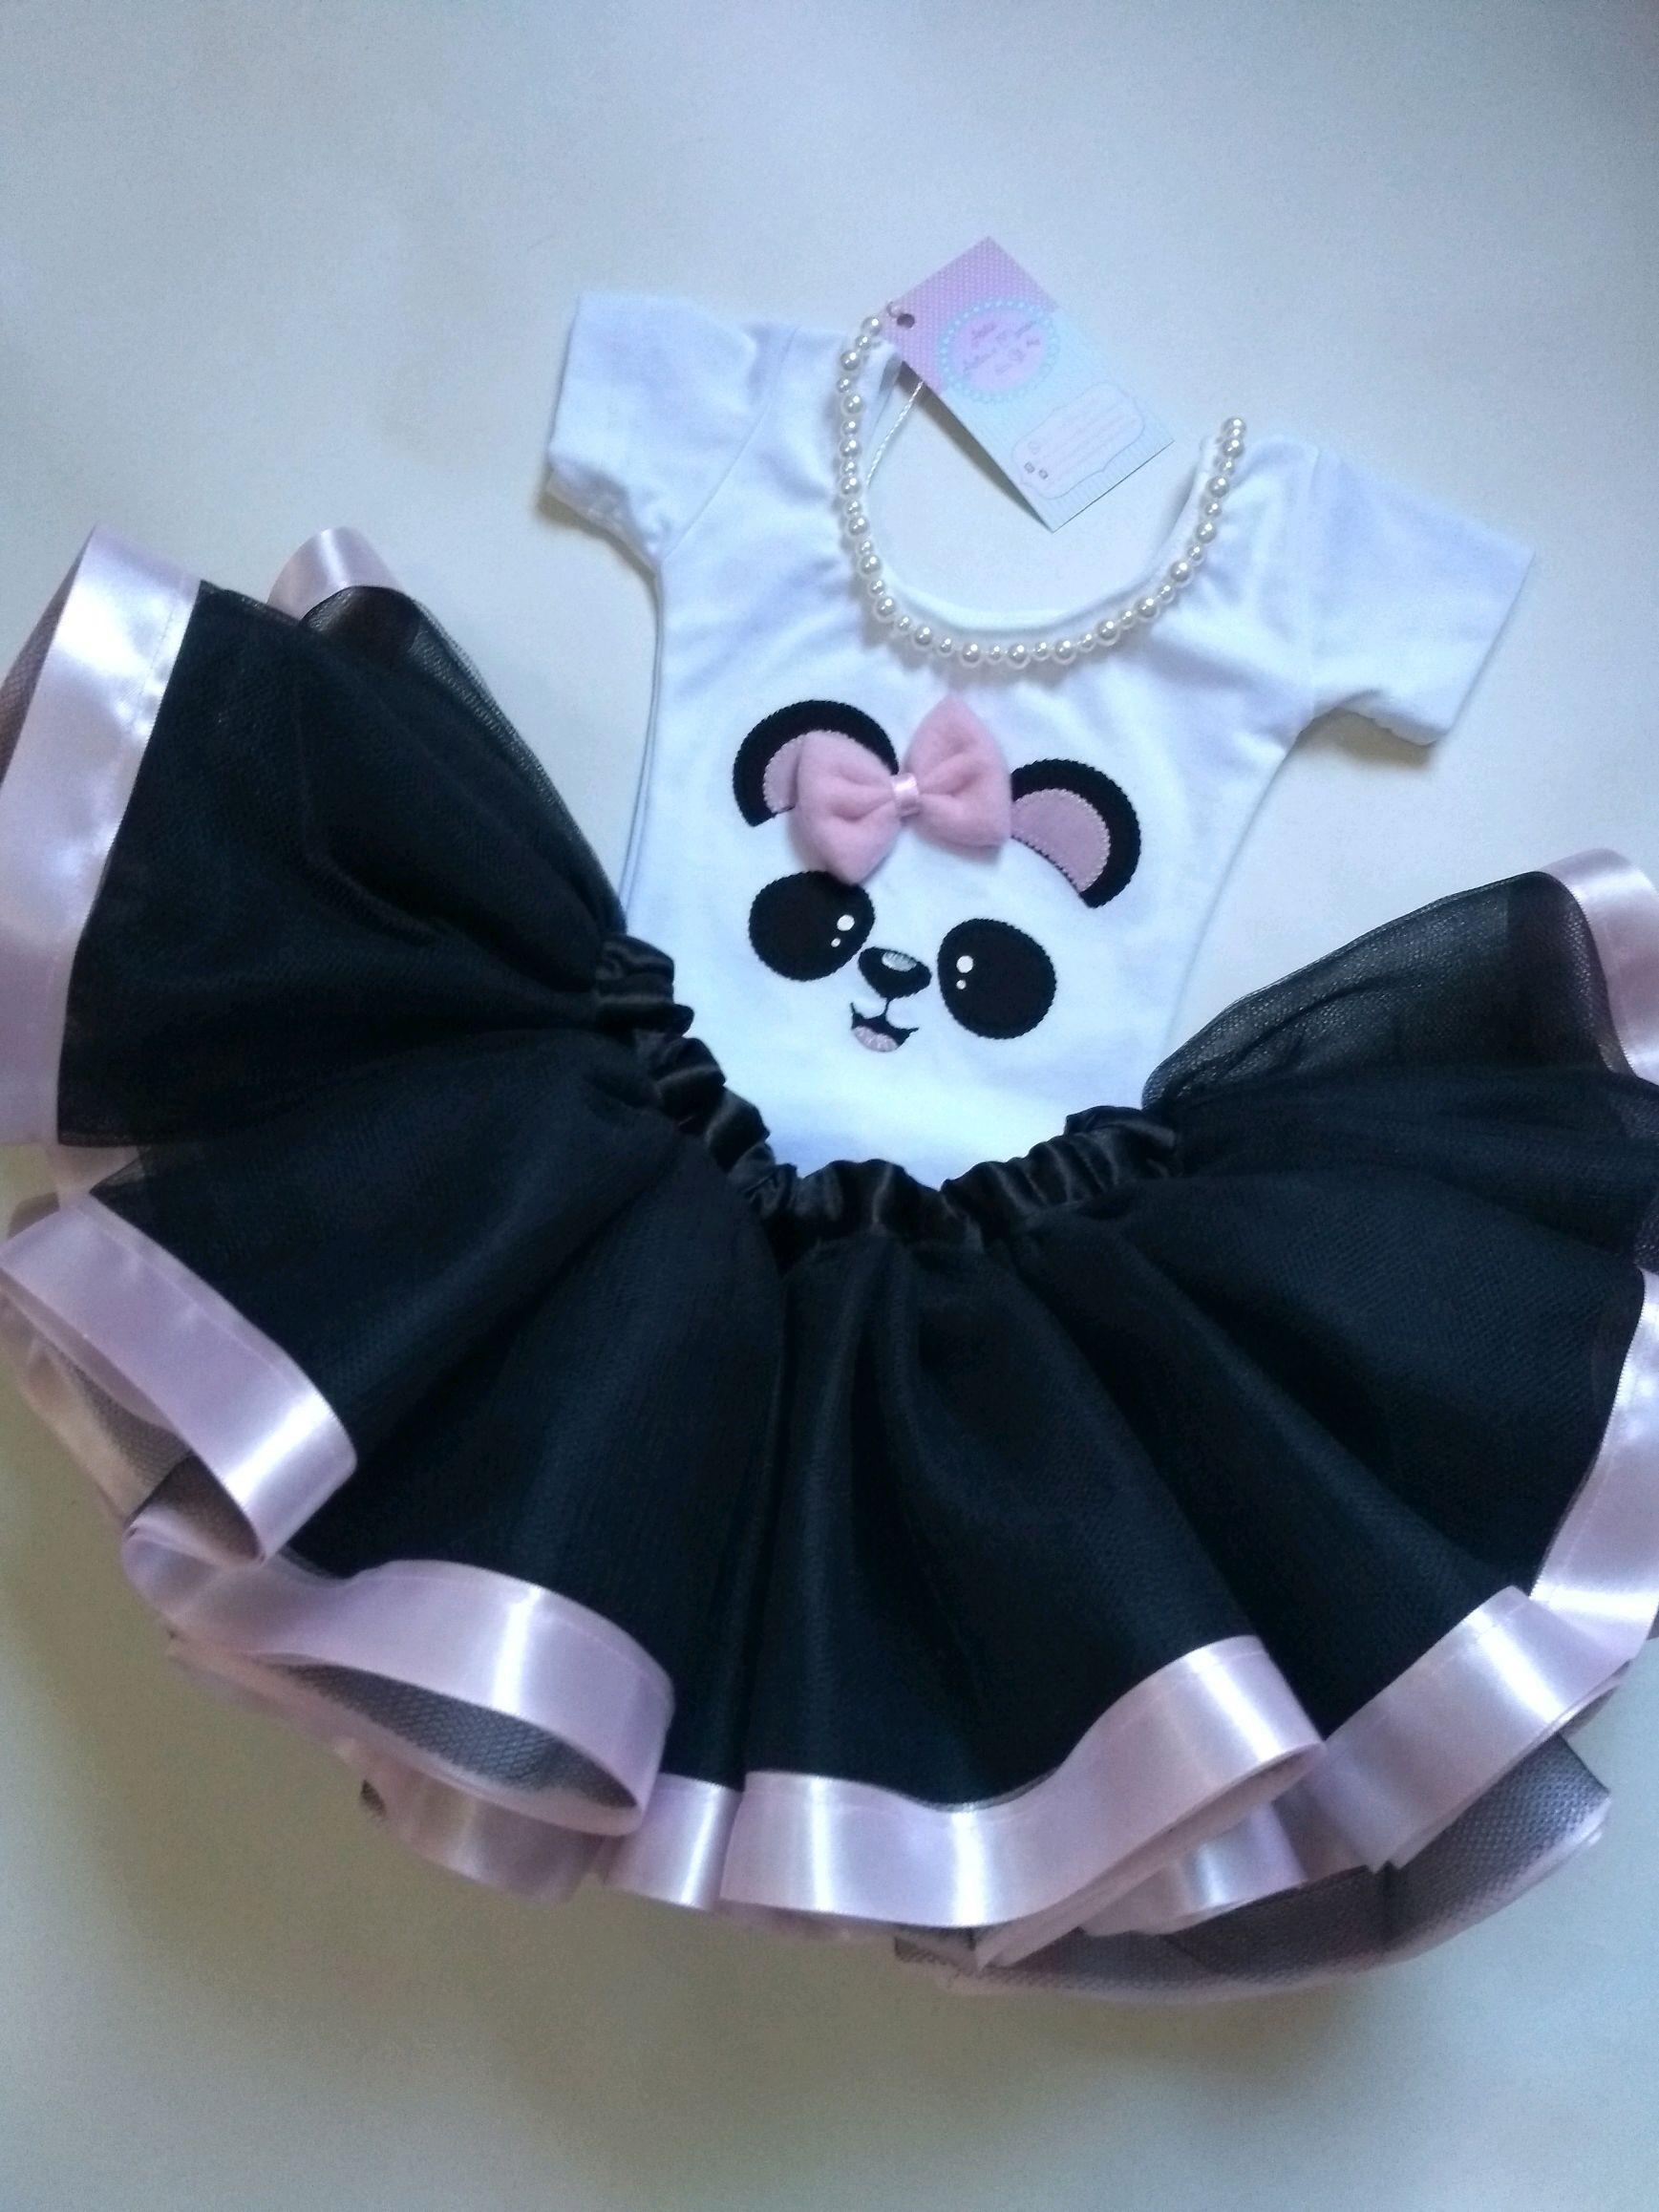 Fantasia Infantil Tutu Festa Panda Baby 1 2 Anos No Elo7 Atelie Artes E Mimos Da Sil C1a8c3